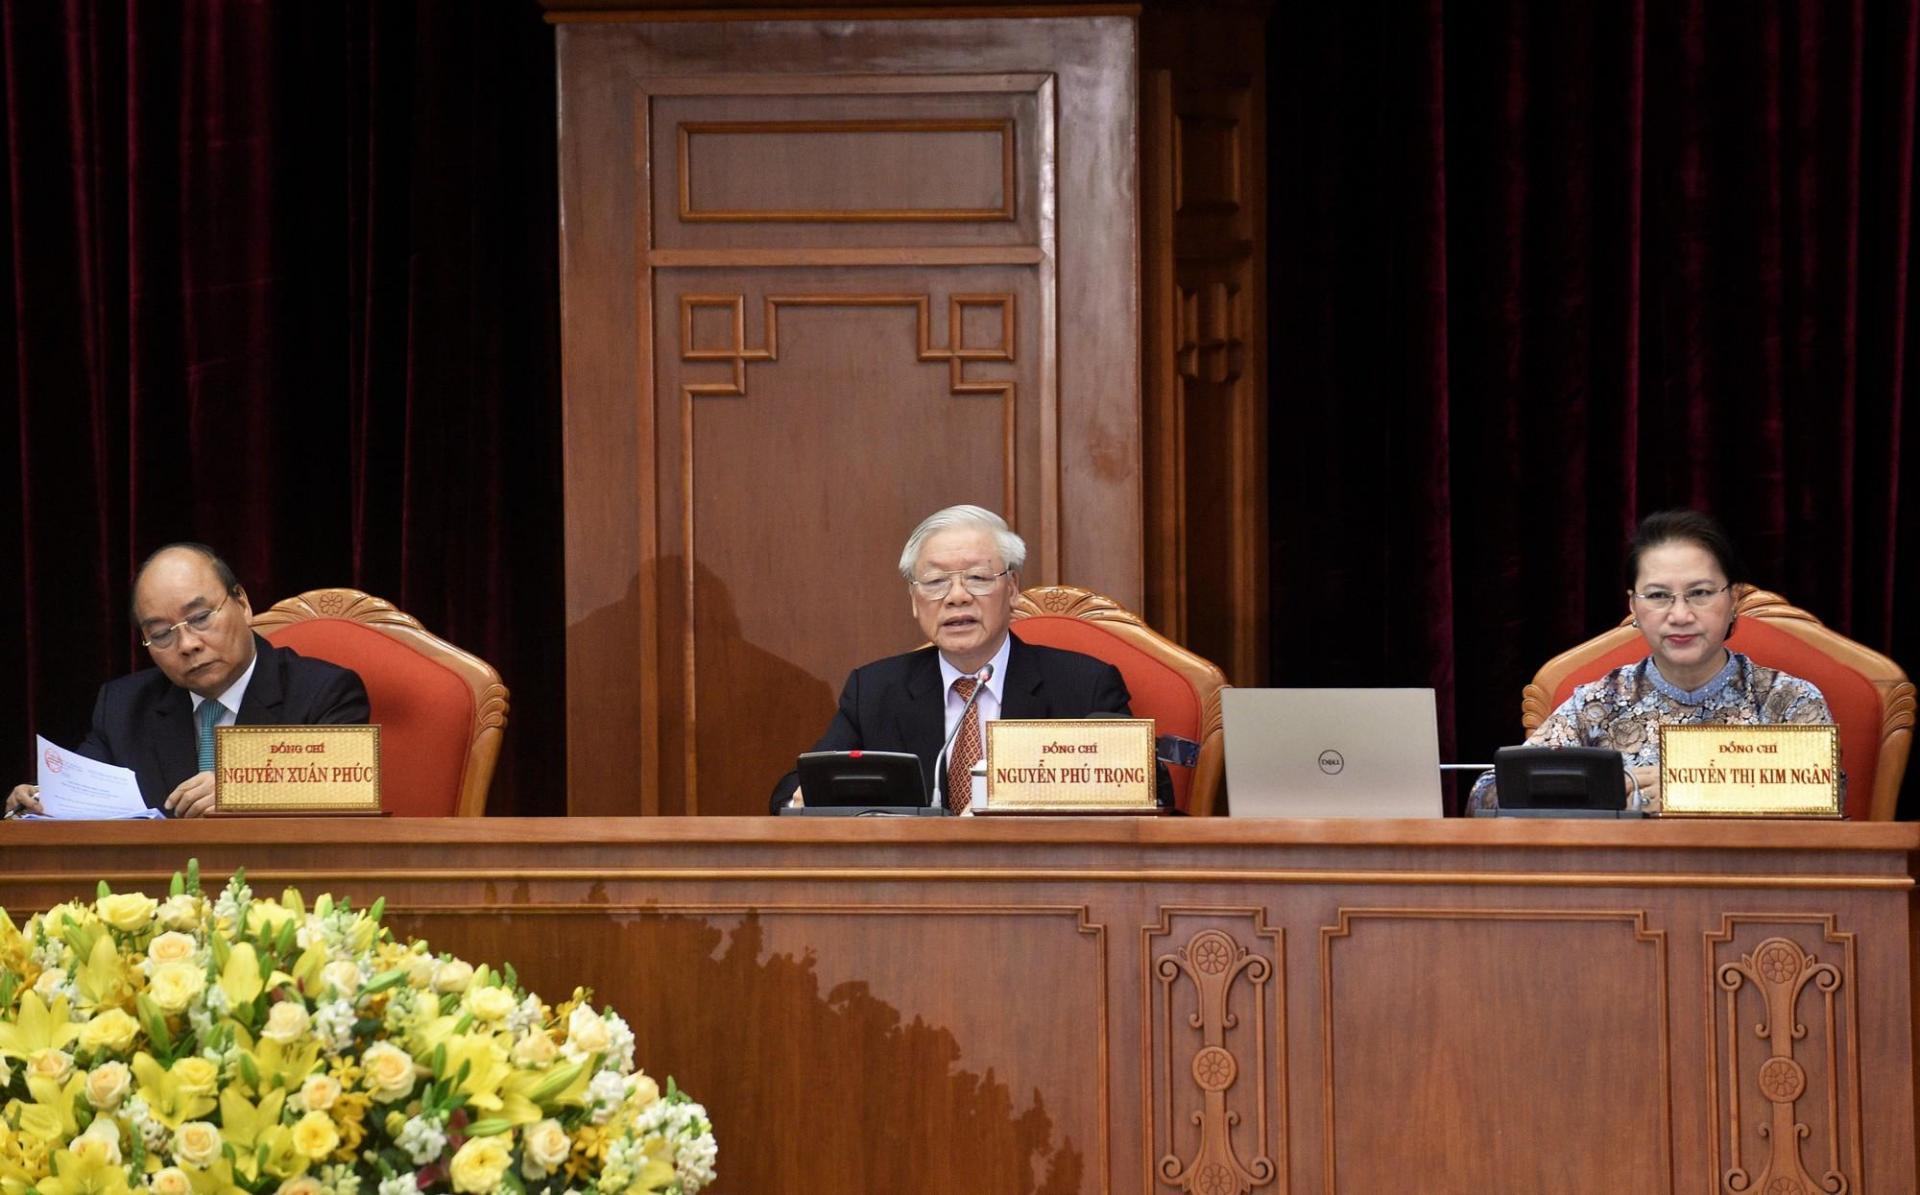 Tổng Bí thư, Chủ tịch nước Nguyễn Phú Trọng, Thủ tướng Nguyễn Xuân Phúc và Chủ tịch Quốc hội Nguyễn Thị Kim Ngân tại phiên bế mạc Hội nghị Trung ương 12.